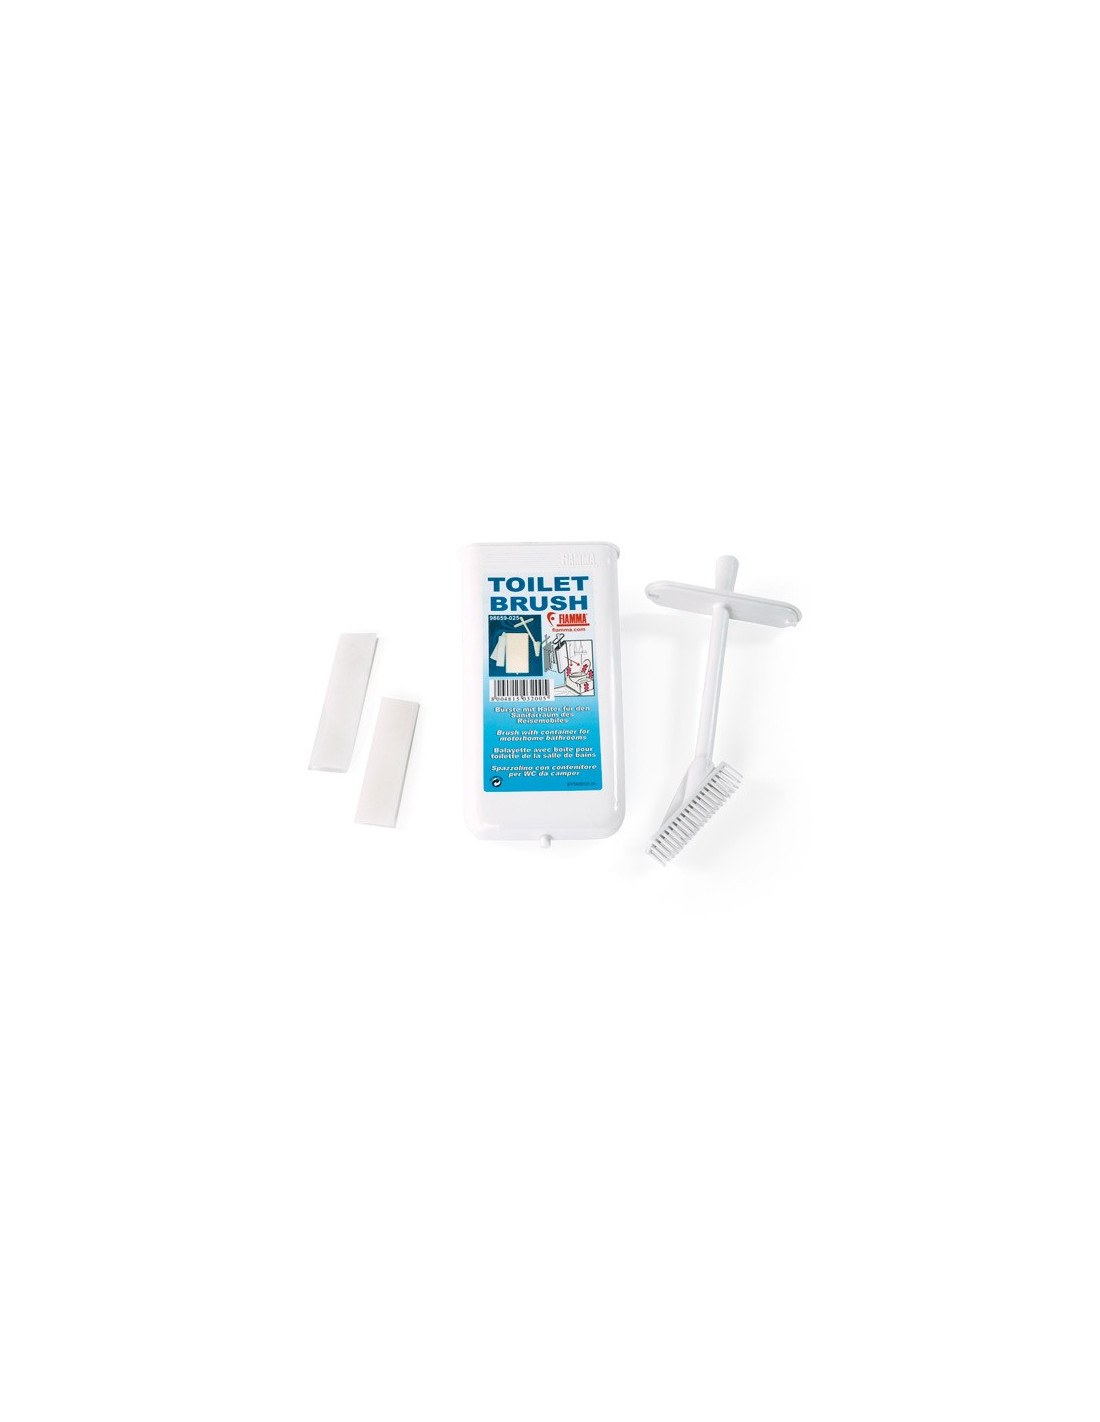 Cepillo Escobilla para limpiar WC Toilet Brush WC | Tienda de ...